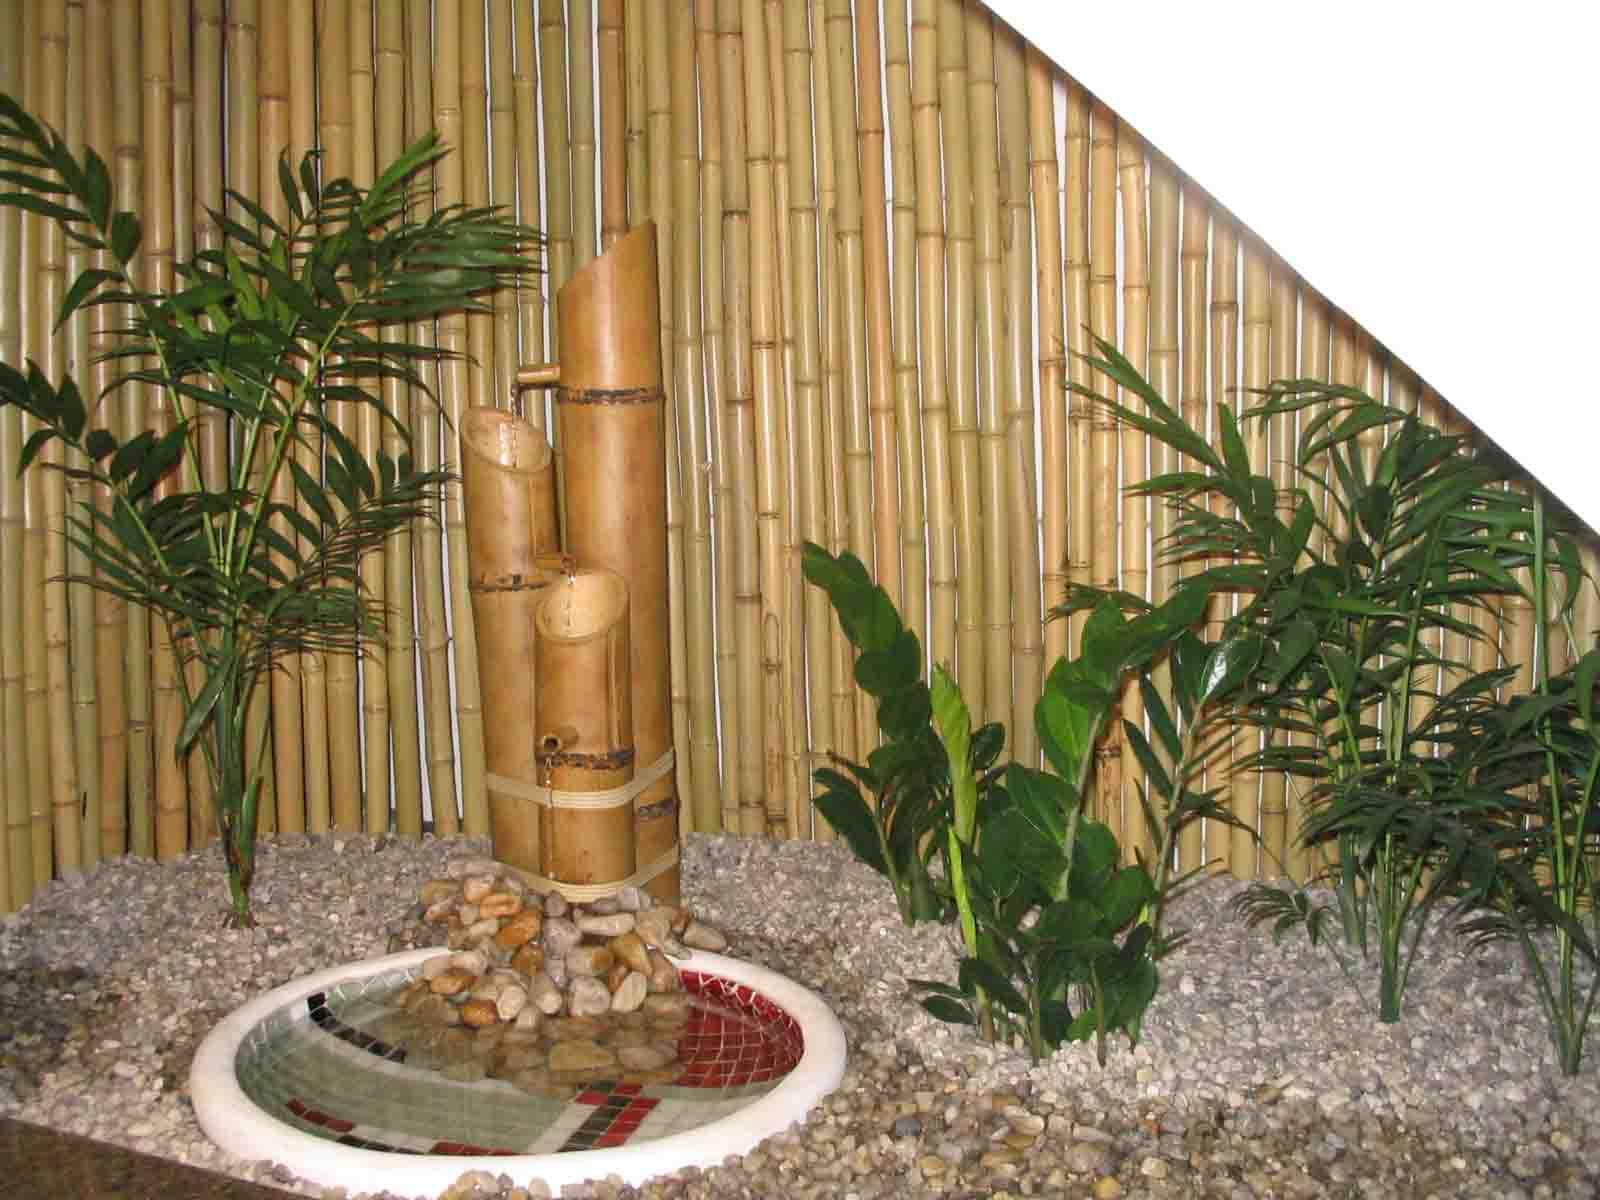 Jardins decorados com pedras 02